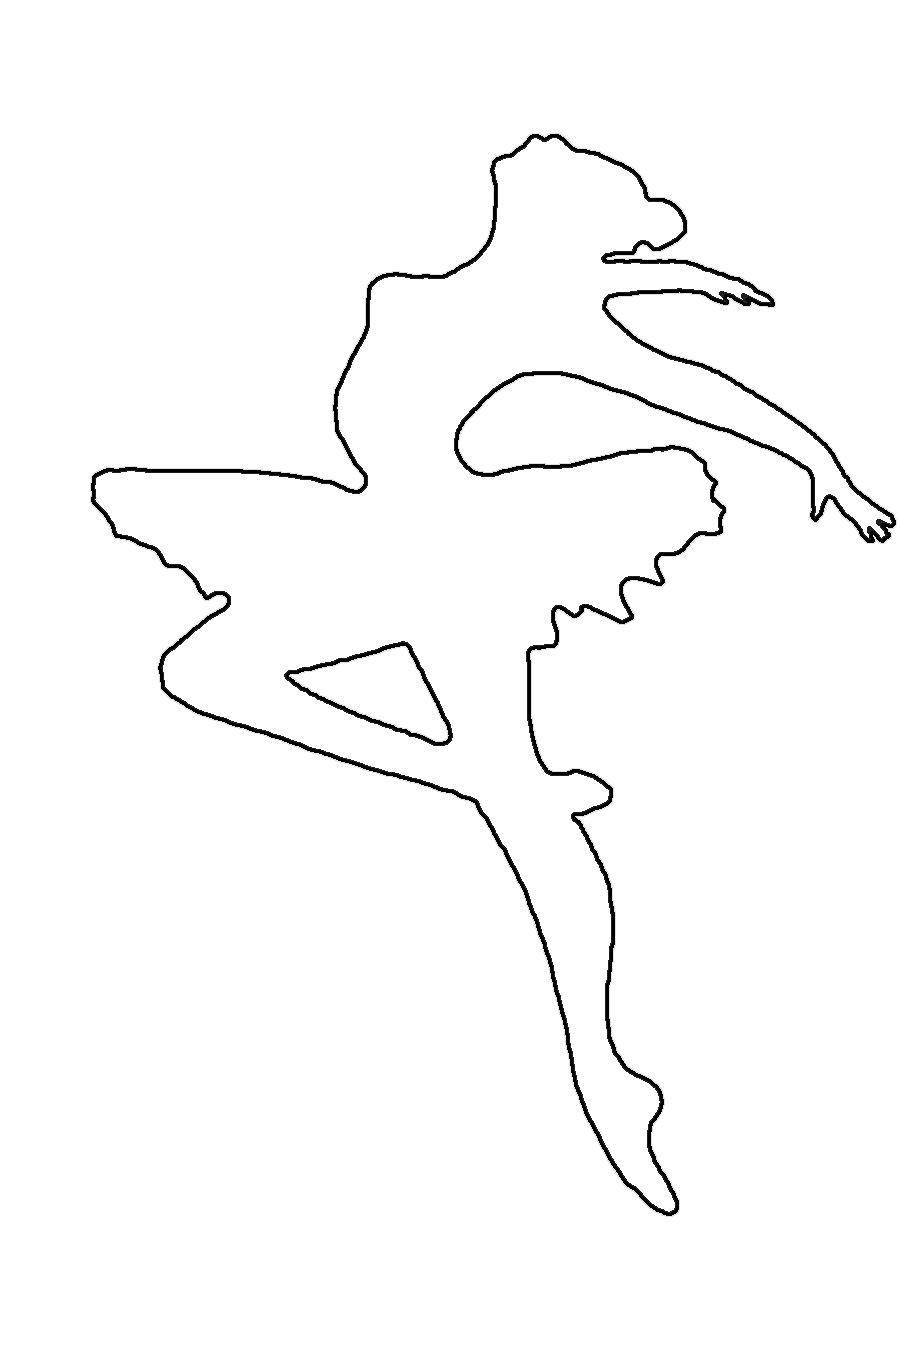 Розмальовки шаблони балерин балерина шаблон для вирізки з паперу, для дитячої творчості